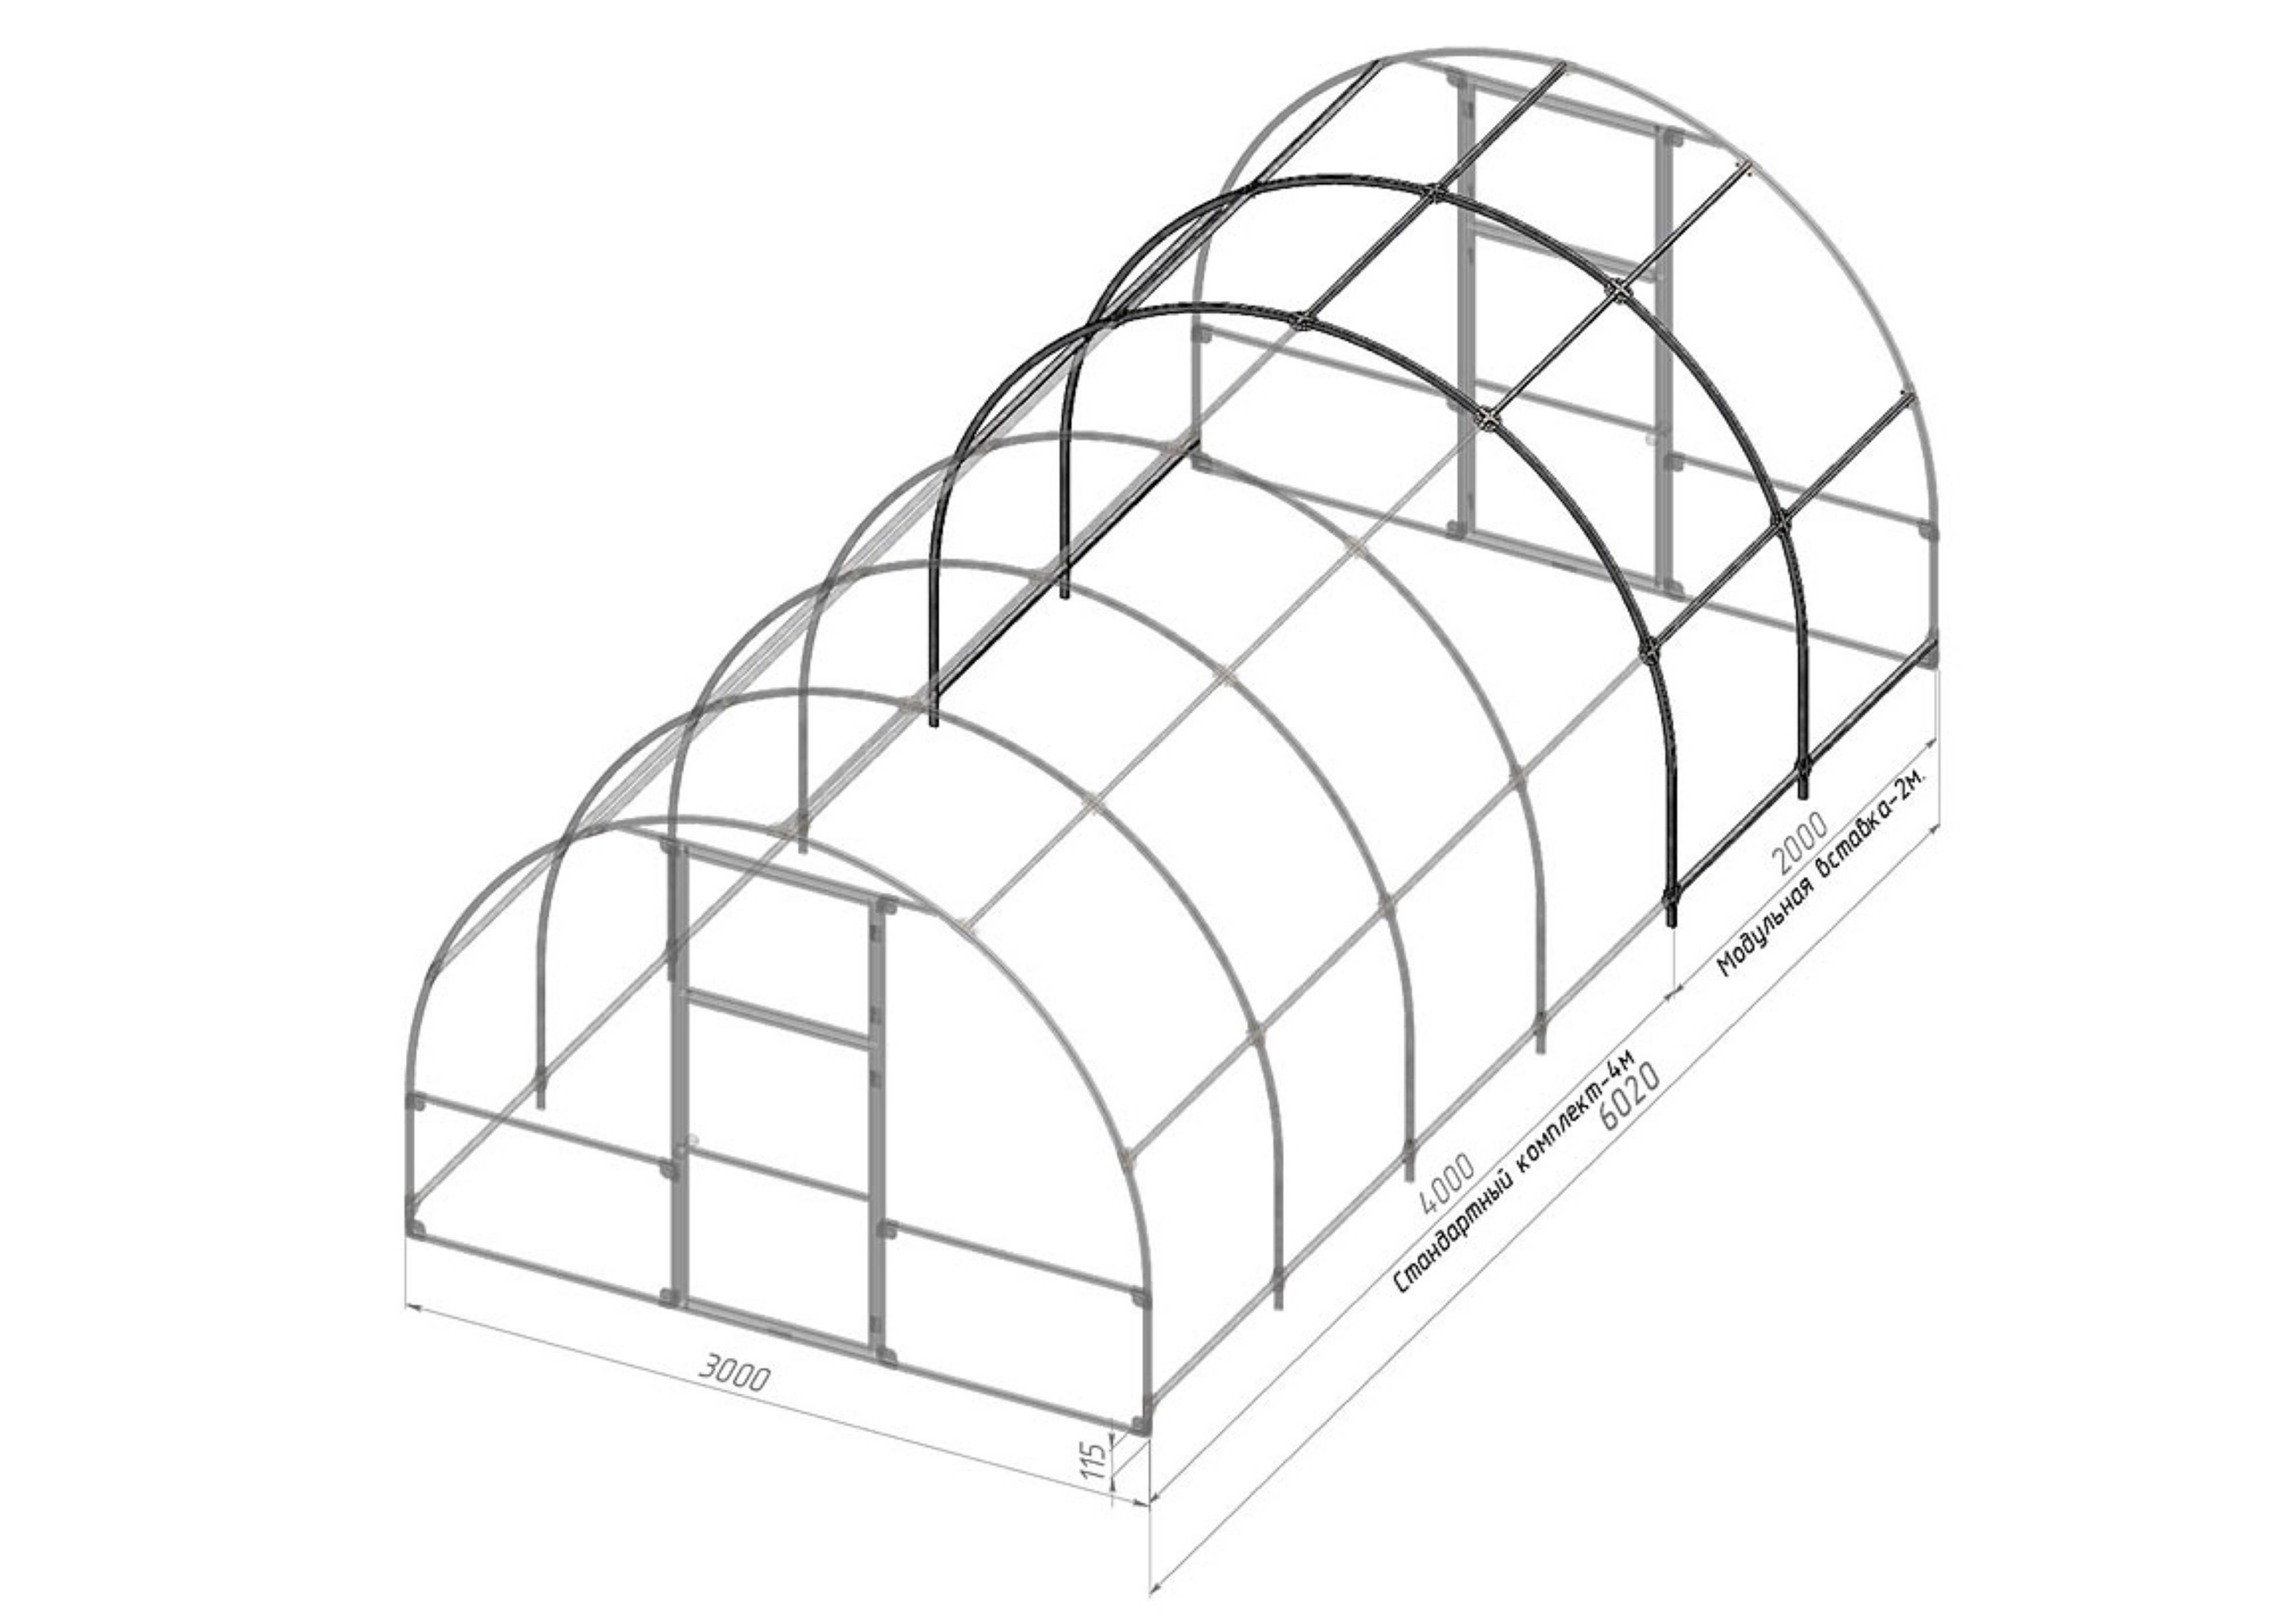 Схема теплицы «Сибирской» с модульной вставкой